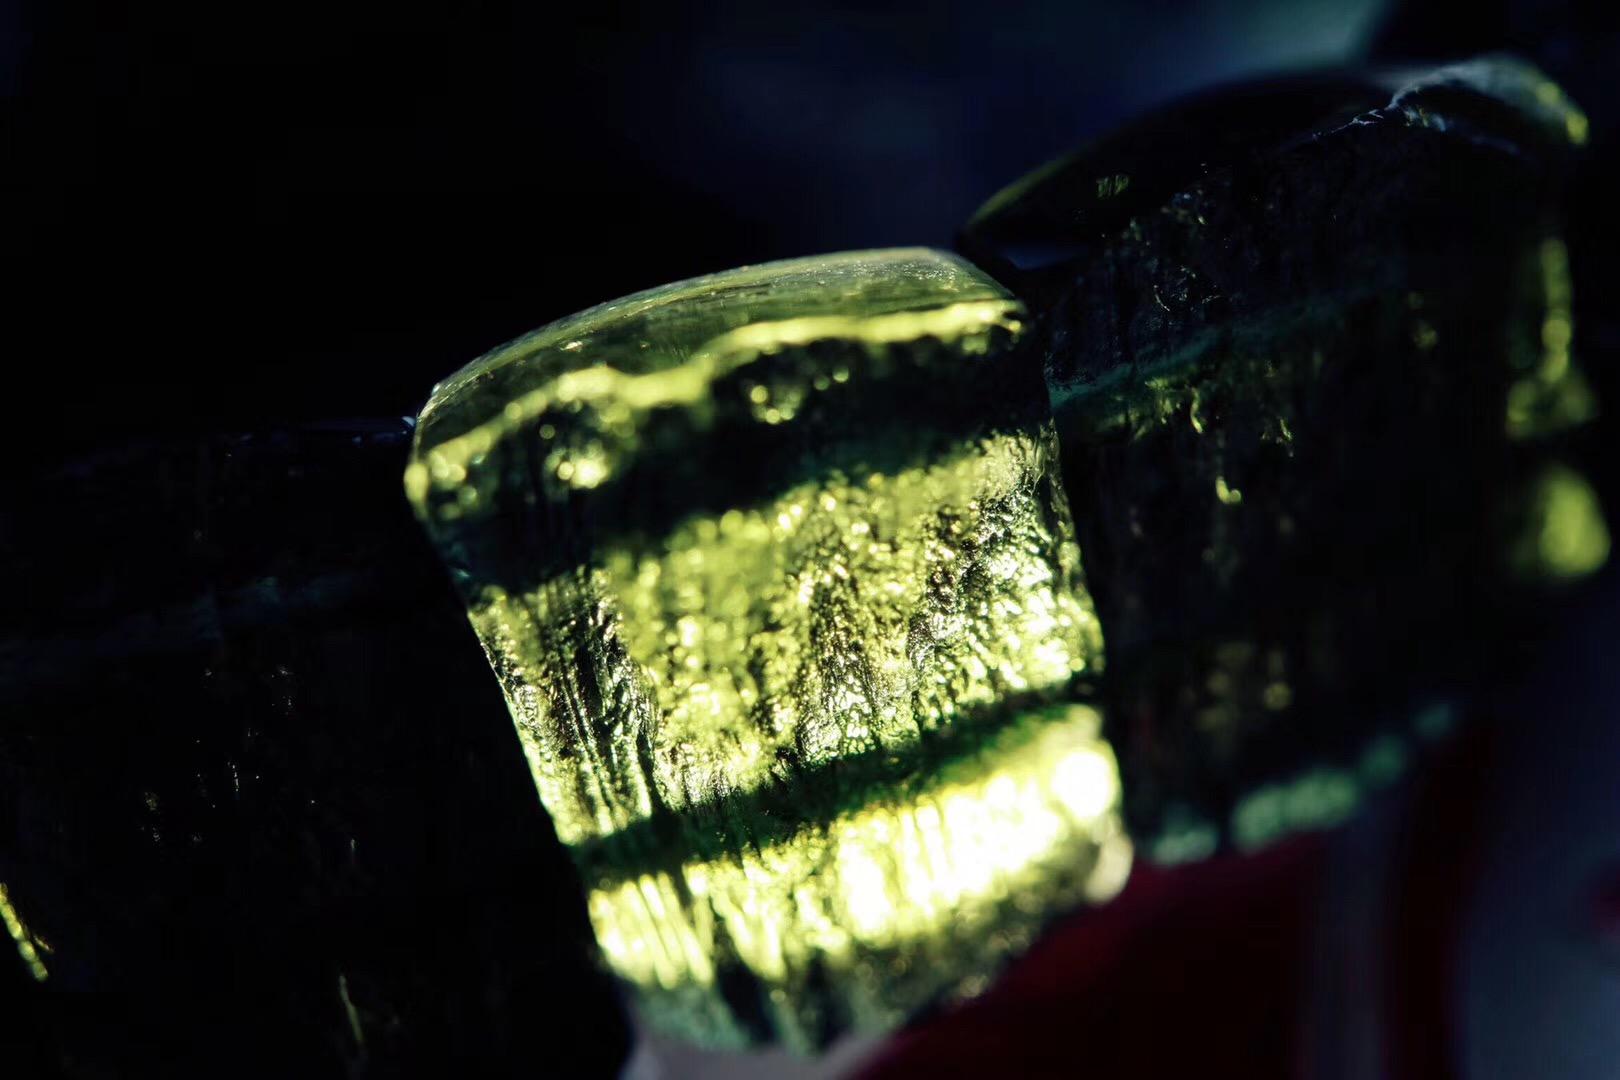 【捷克陨石】 点一盏心灯,不念过往,不畏将来-菩心晶舍